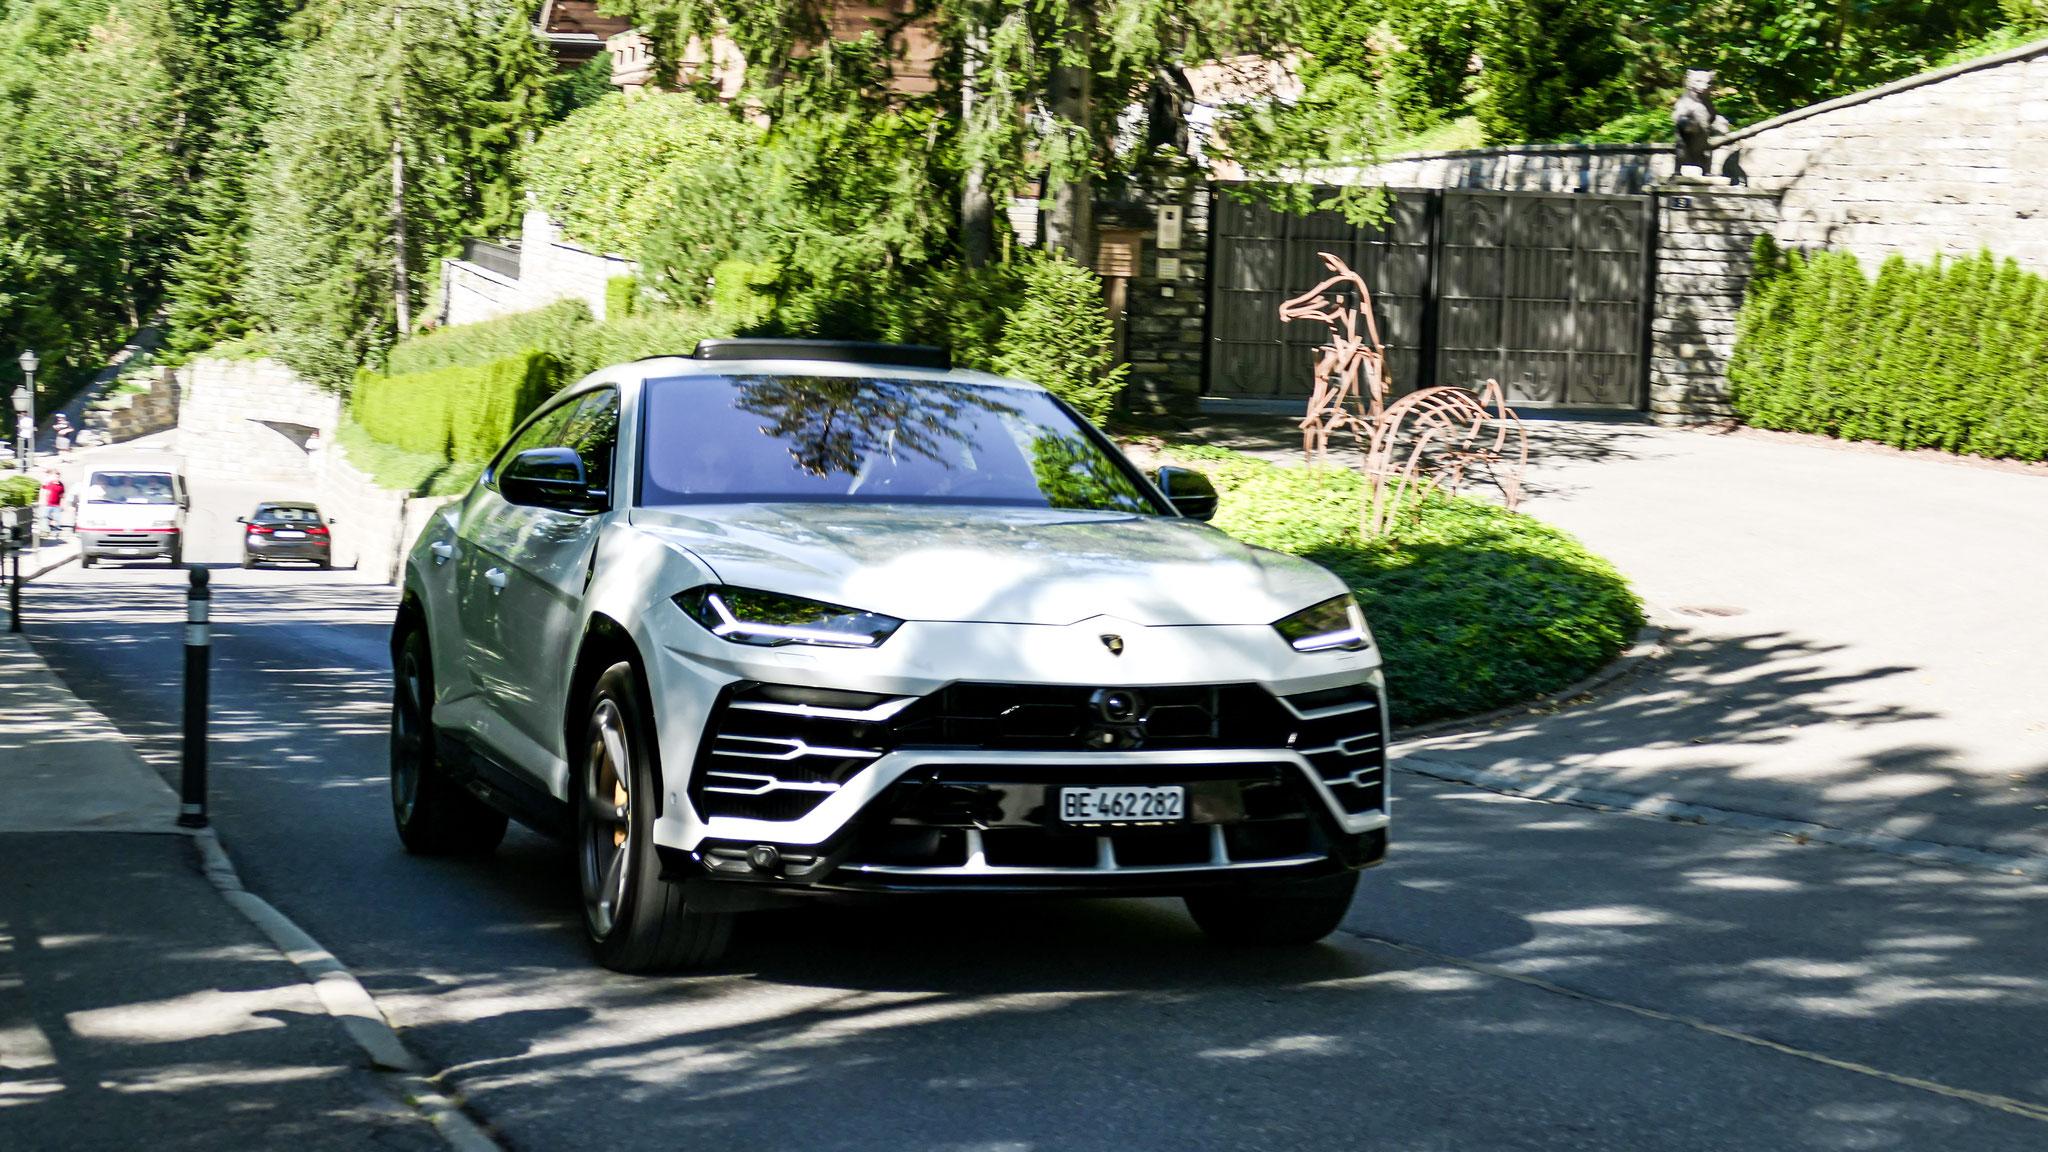 Lamborghini Urus - BE-462282 (CH)